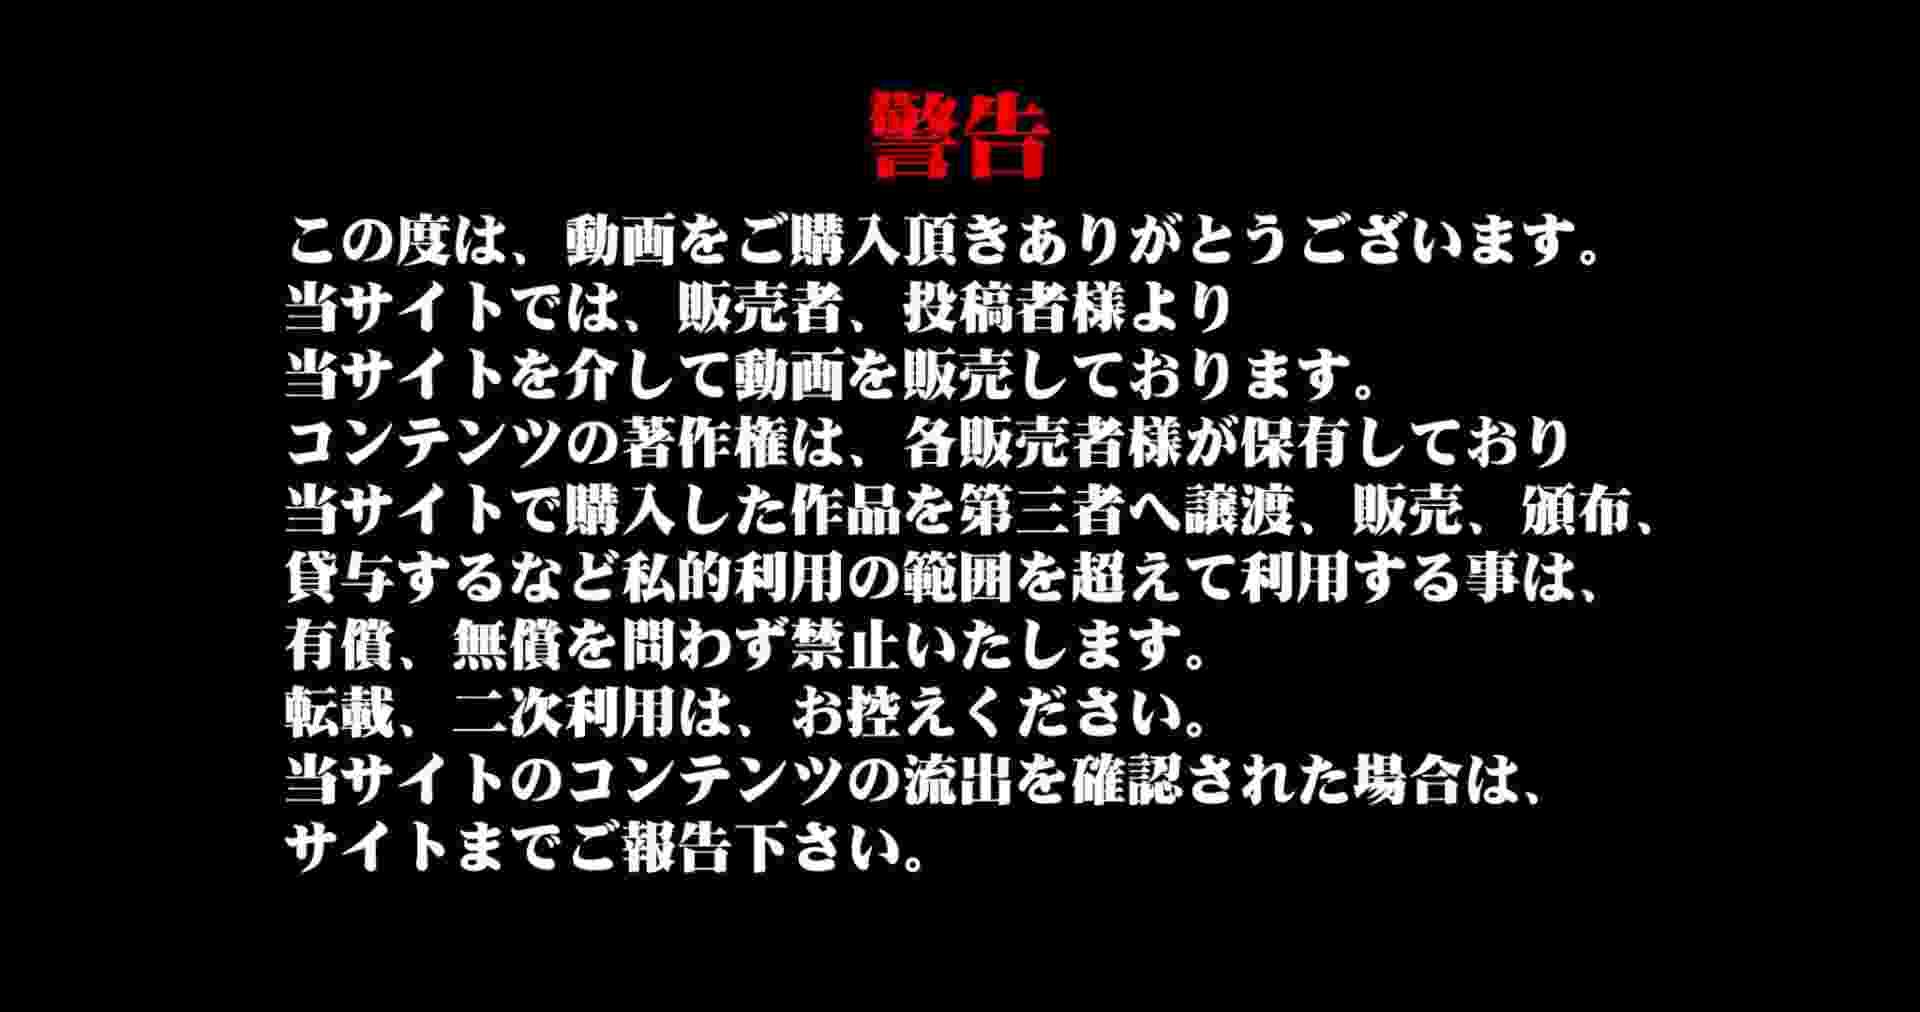 睡魔 シュウライ 第四六話 イタズラ  111連発 1